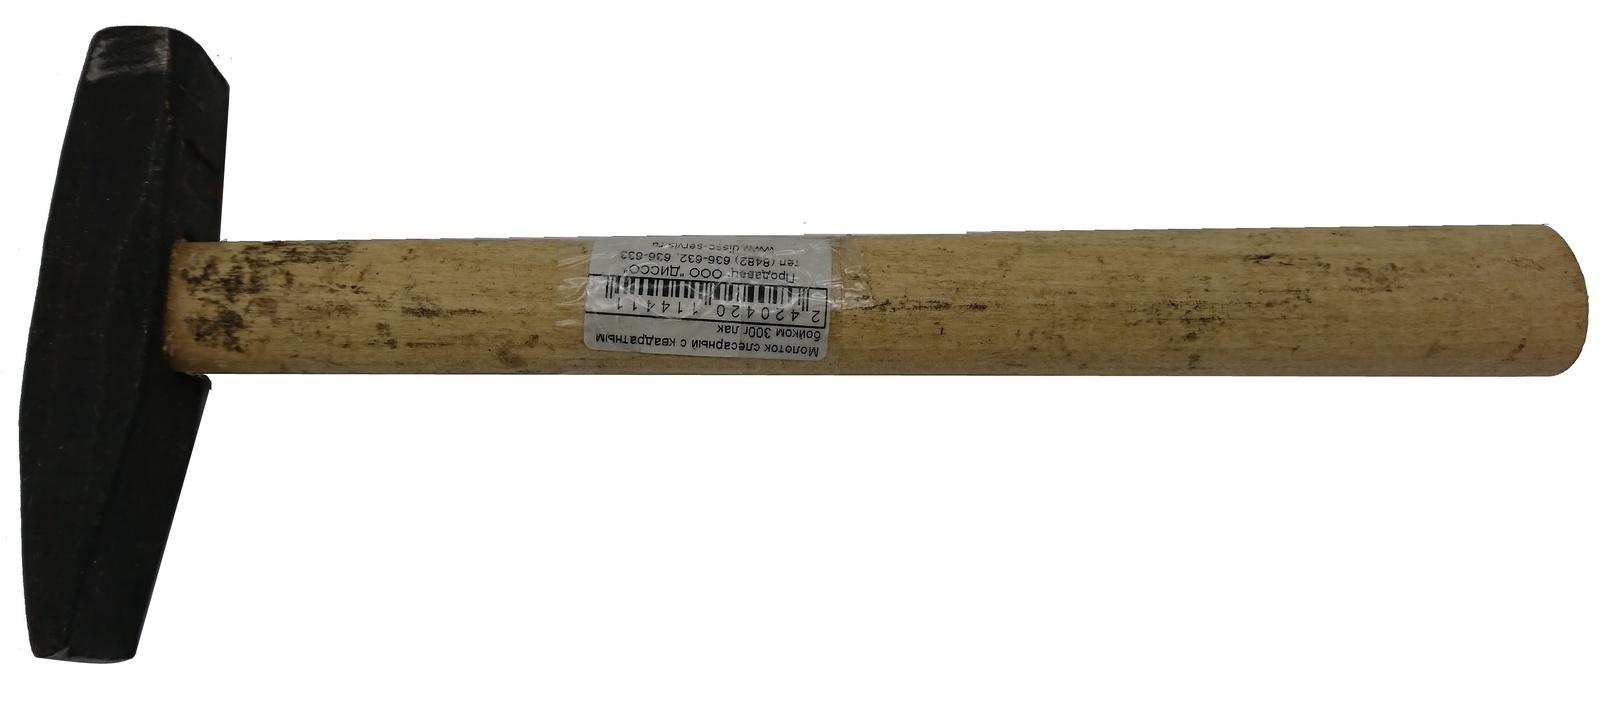 Молоток слесарный с квадратным бойком 300г лак молоток немецкого типа santool с квадратным бойком и деревянной ручкой 600 гр 030811 060